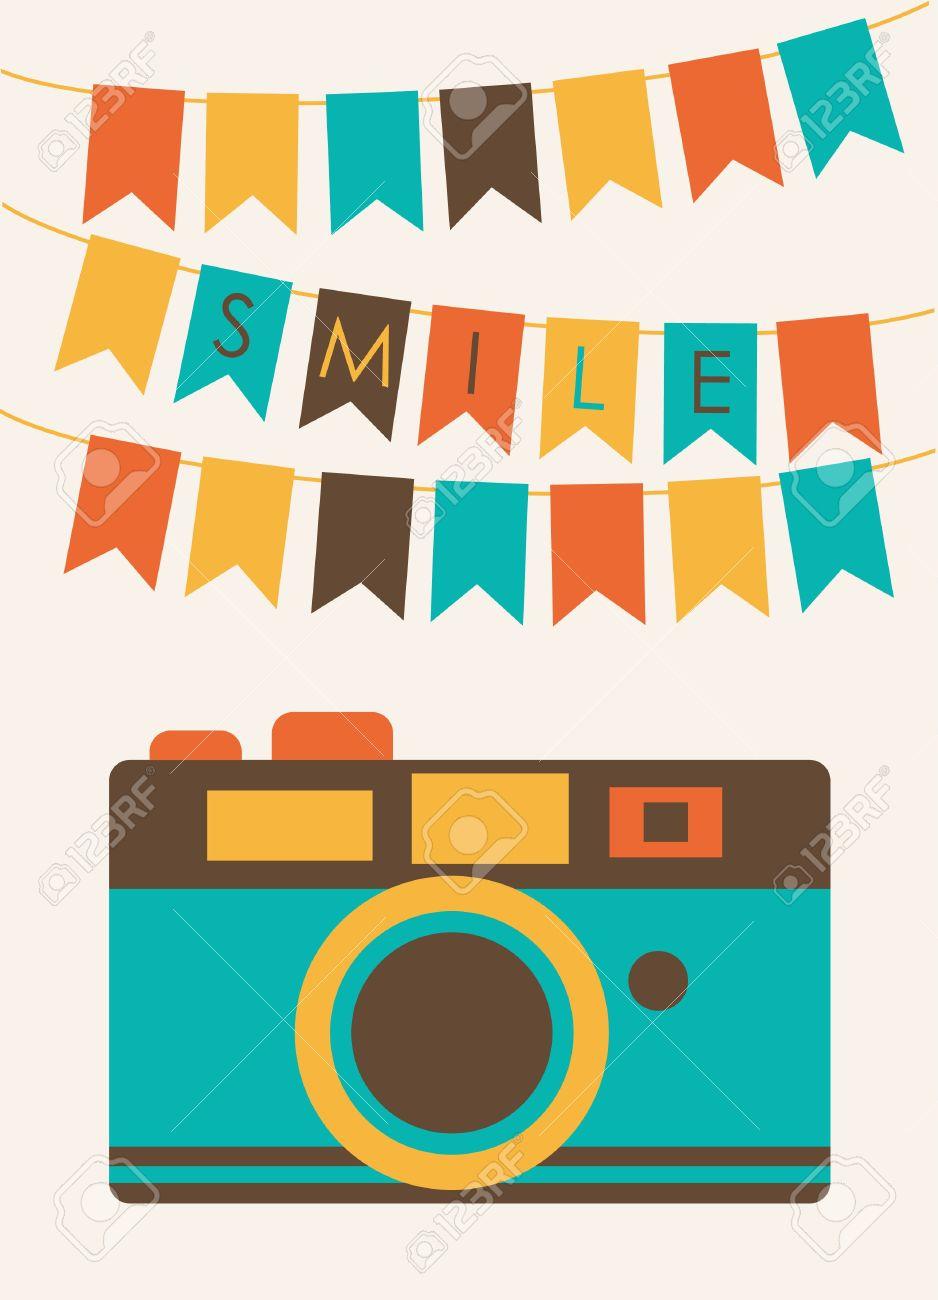 カメラ ベクトルのイラストがかわいいカード ロイヤリティフリークリップ